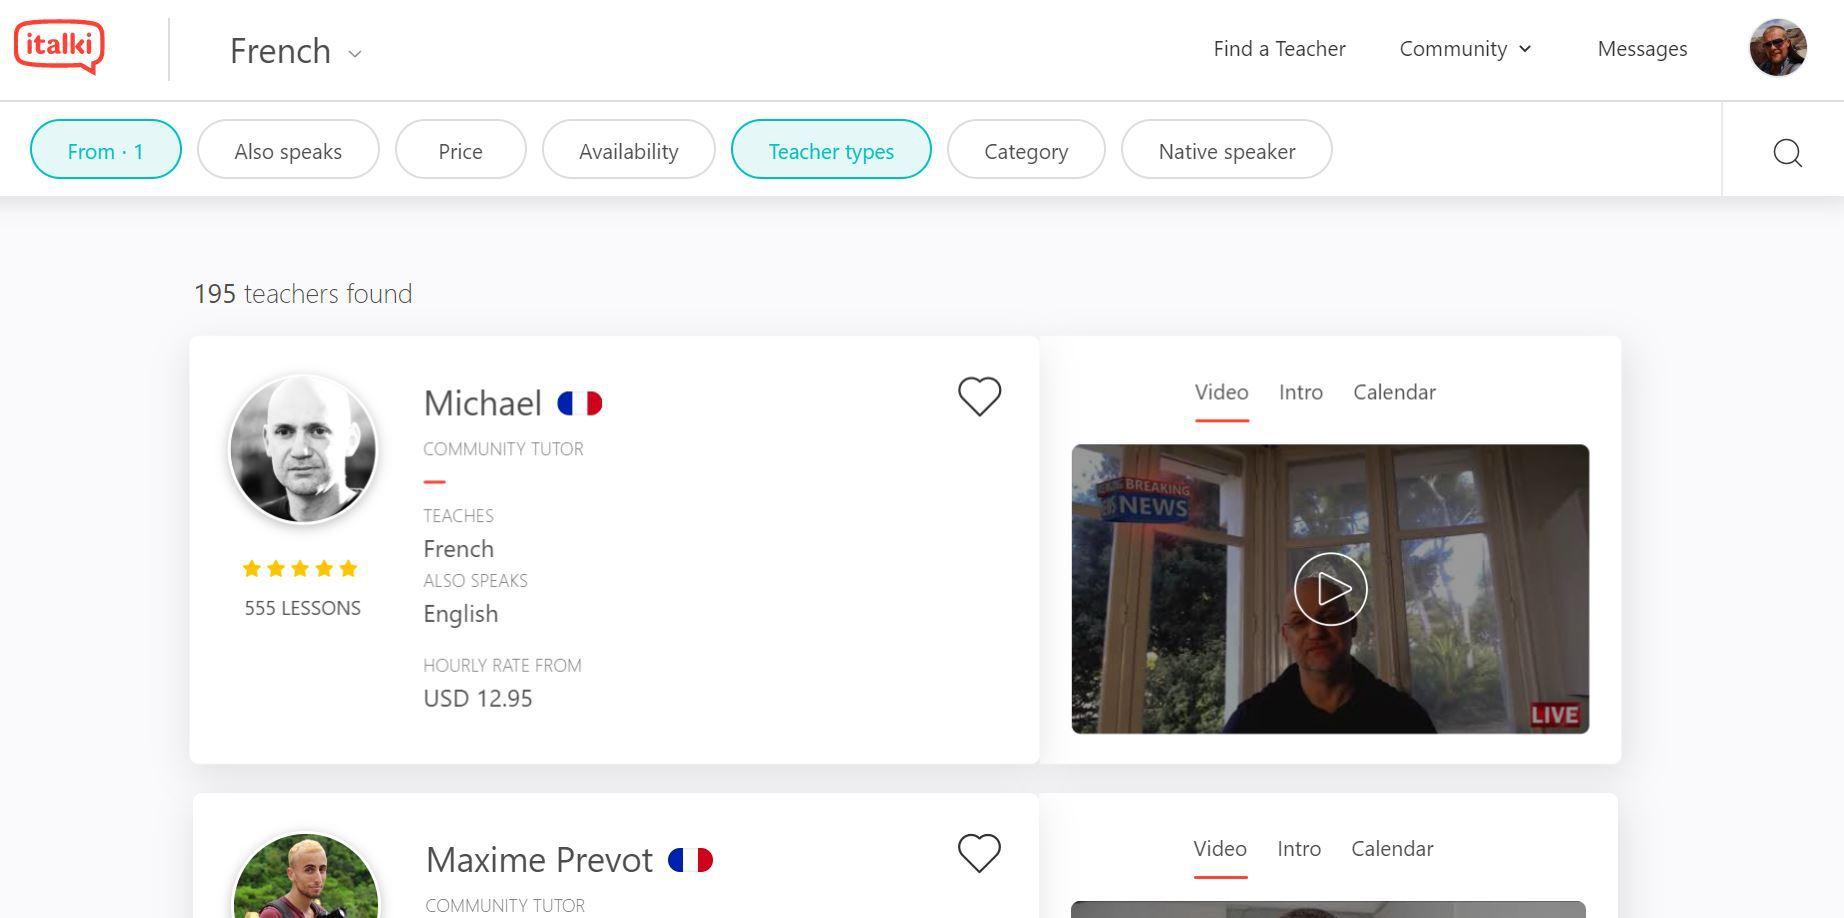 iTalki French